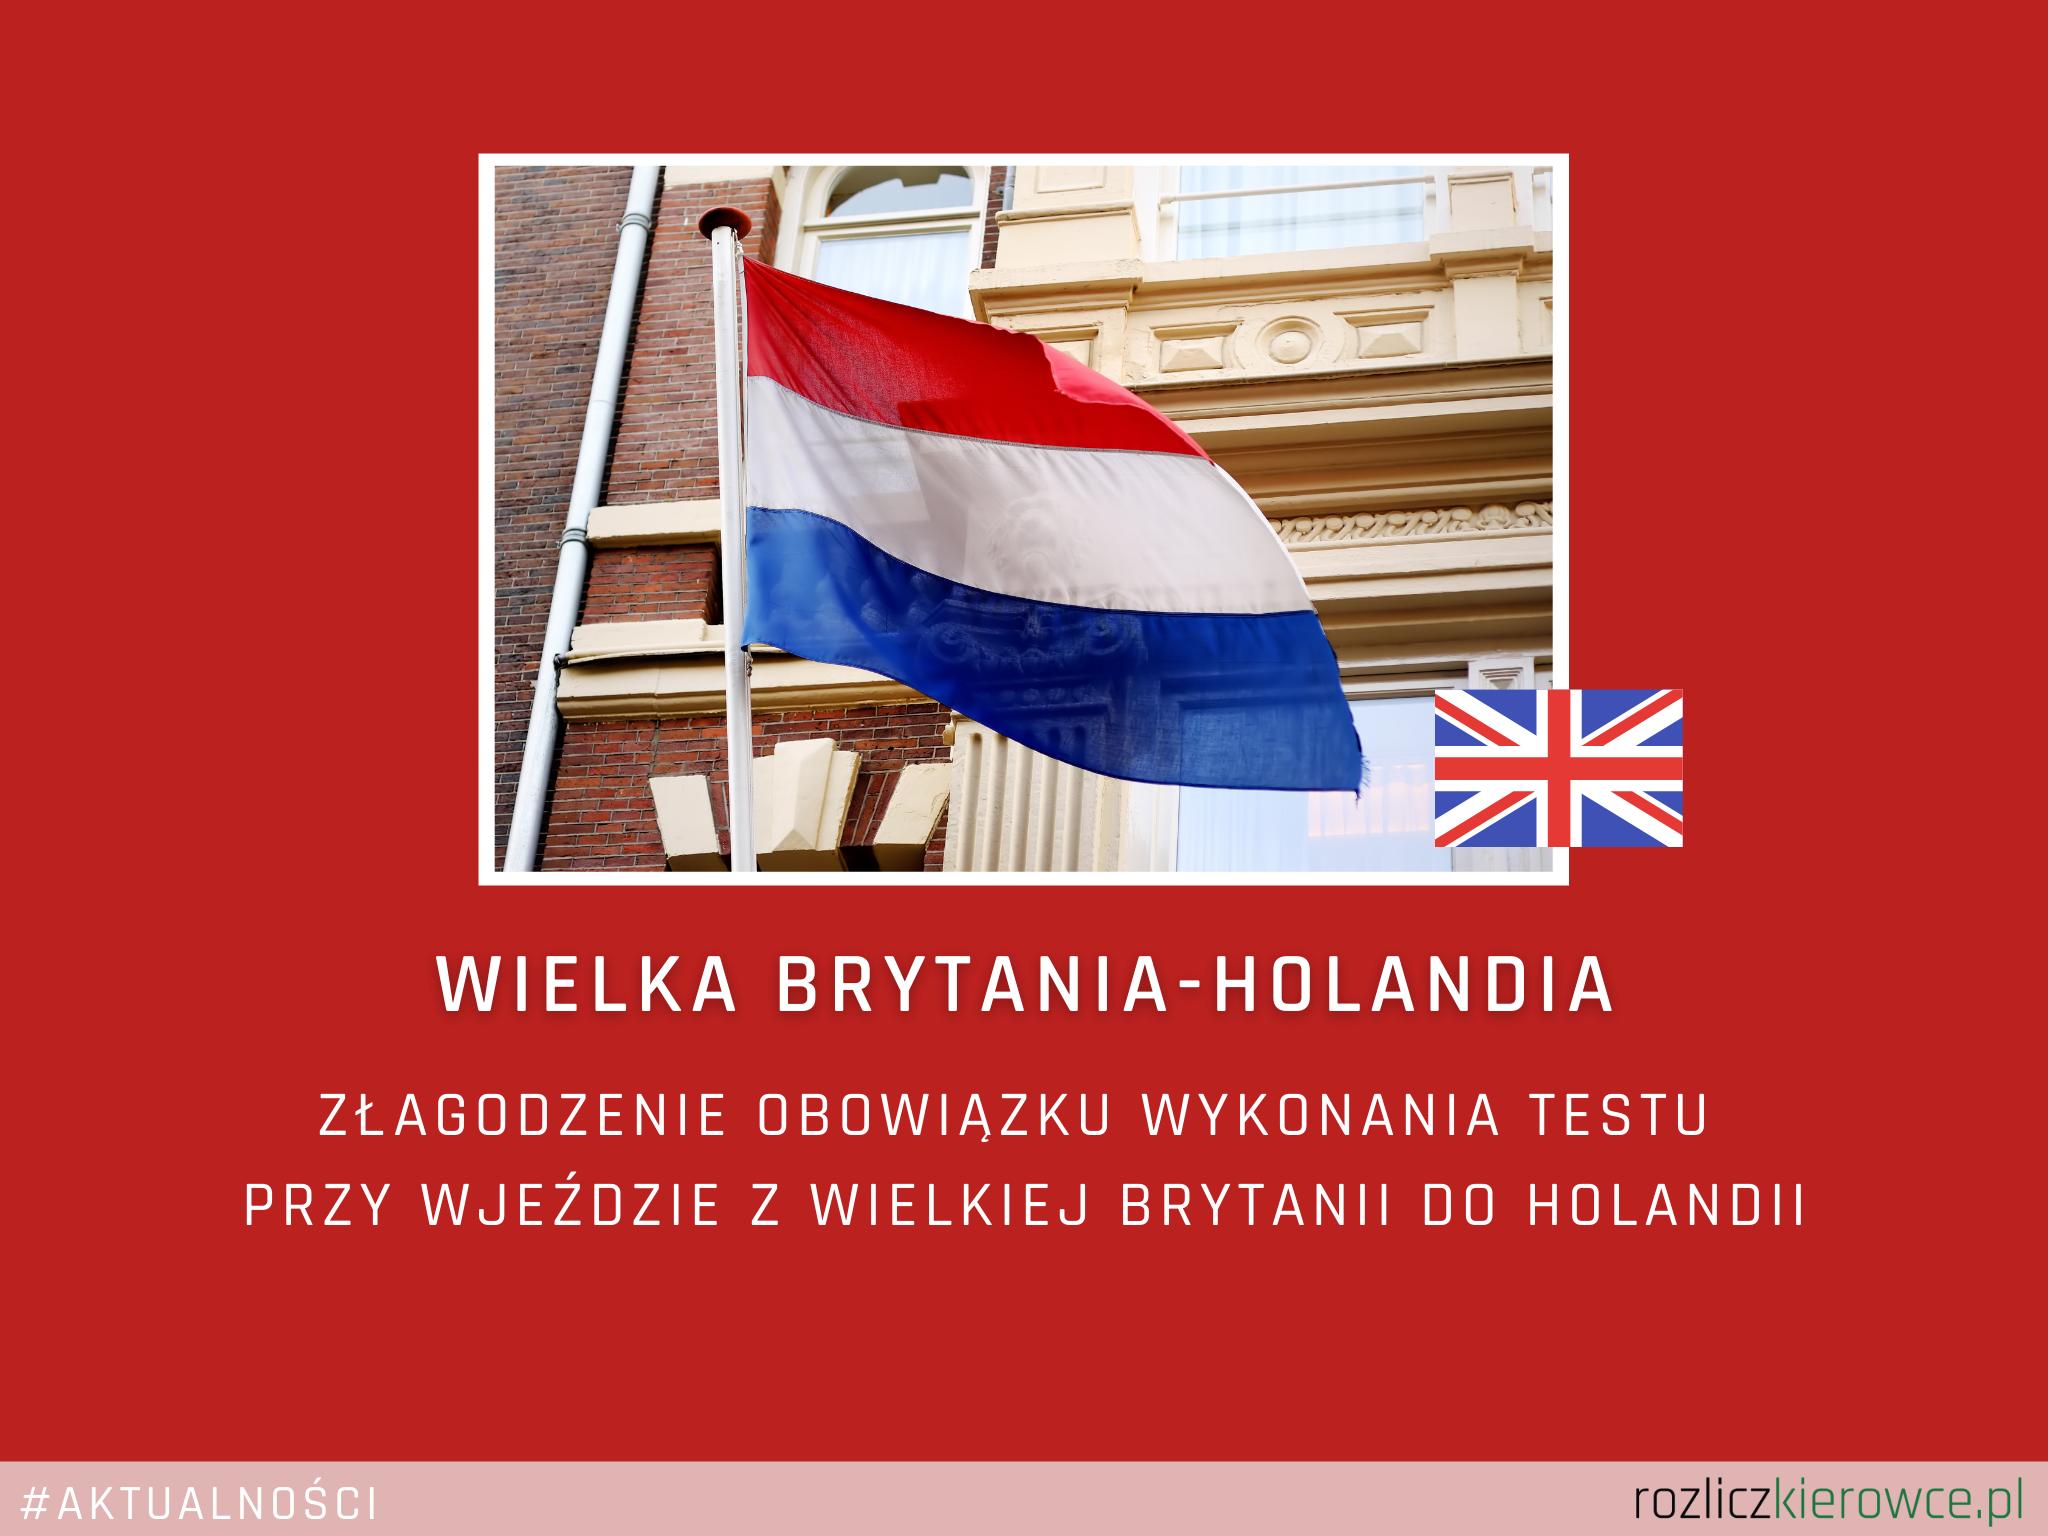 🚛 🇬🇧➡️🇳🇱 Wielka Brytania-Holandia-Złagodzenie obowiązku wykonania testu przy wjeździe z Wielkiej Brytanii do Holandii